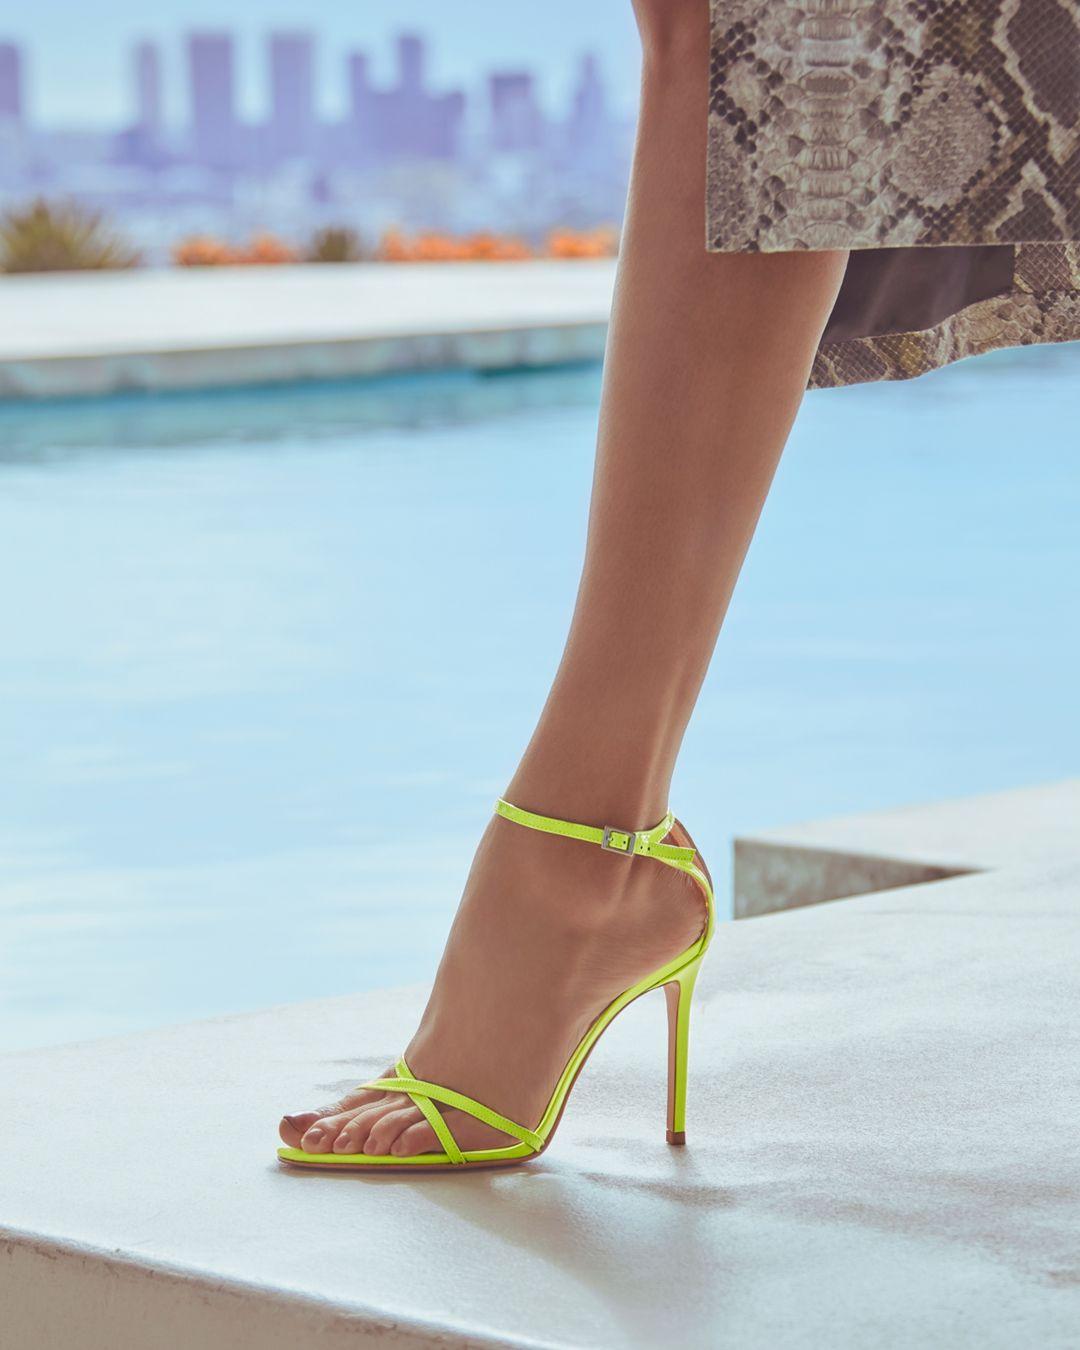 026f8047f0 Marnie Sandal in 2019 | Spring Runway 2019 | Heels, Heels outfits ...